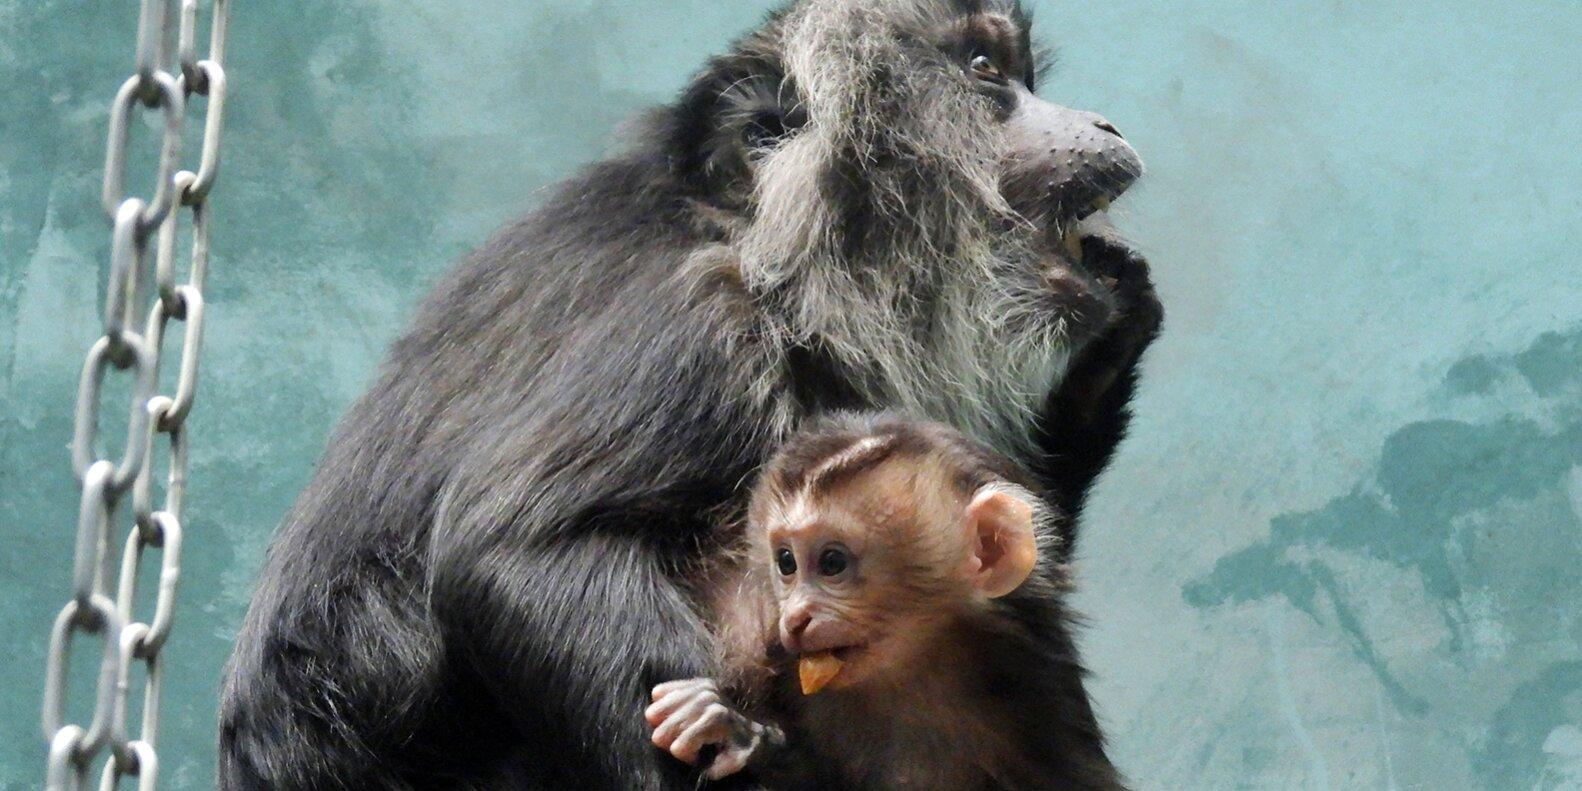 В зоопарке Москвы родился второй за год детеныш львинохвостой макаки